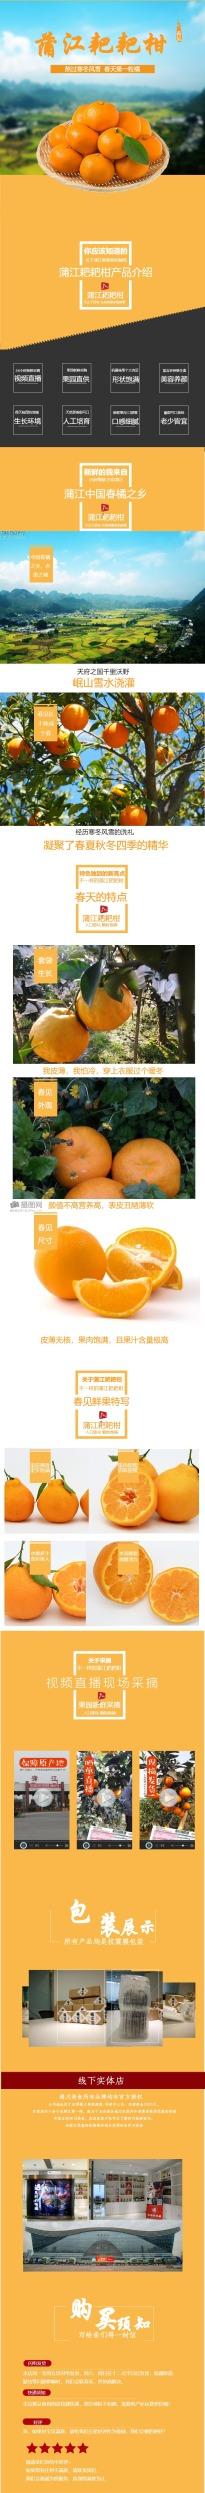 清新自然百货零售生鲜水果耙耙柑橙子促销电商详情页